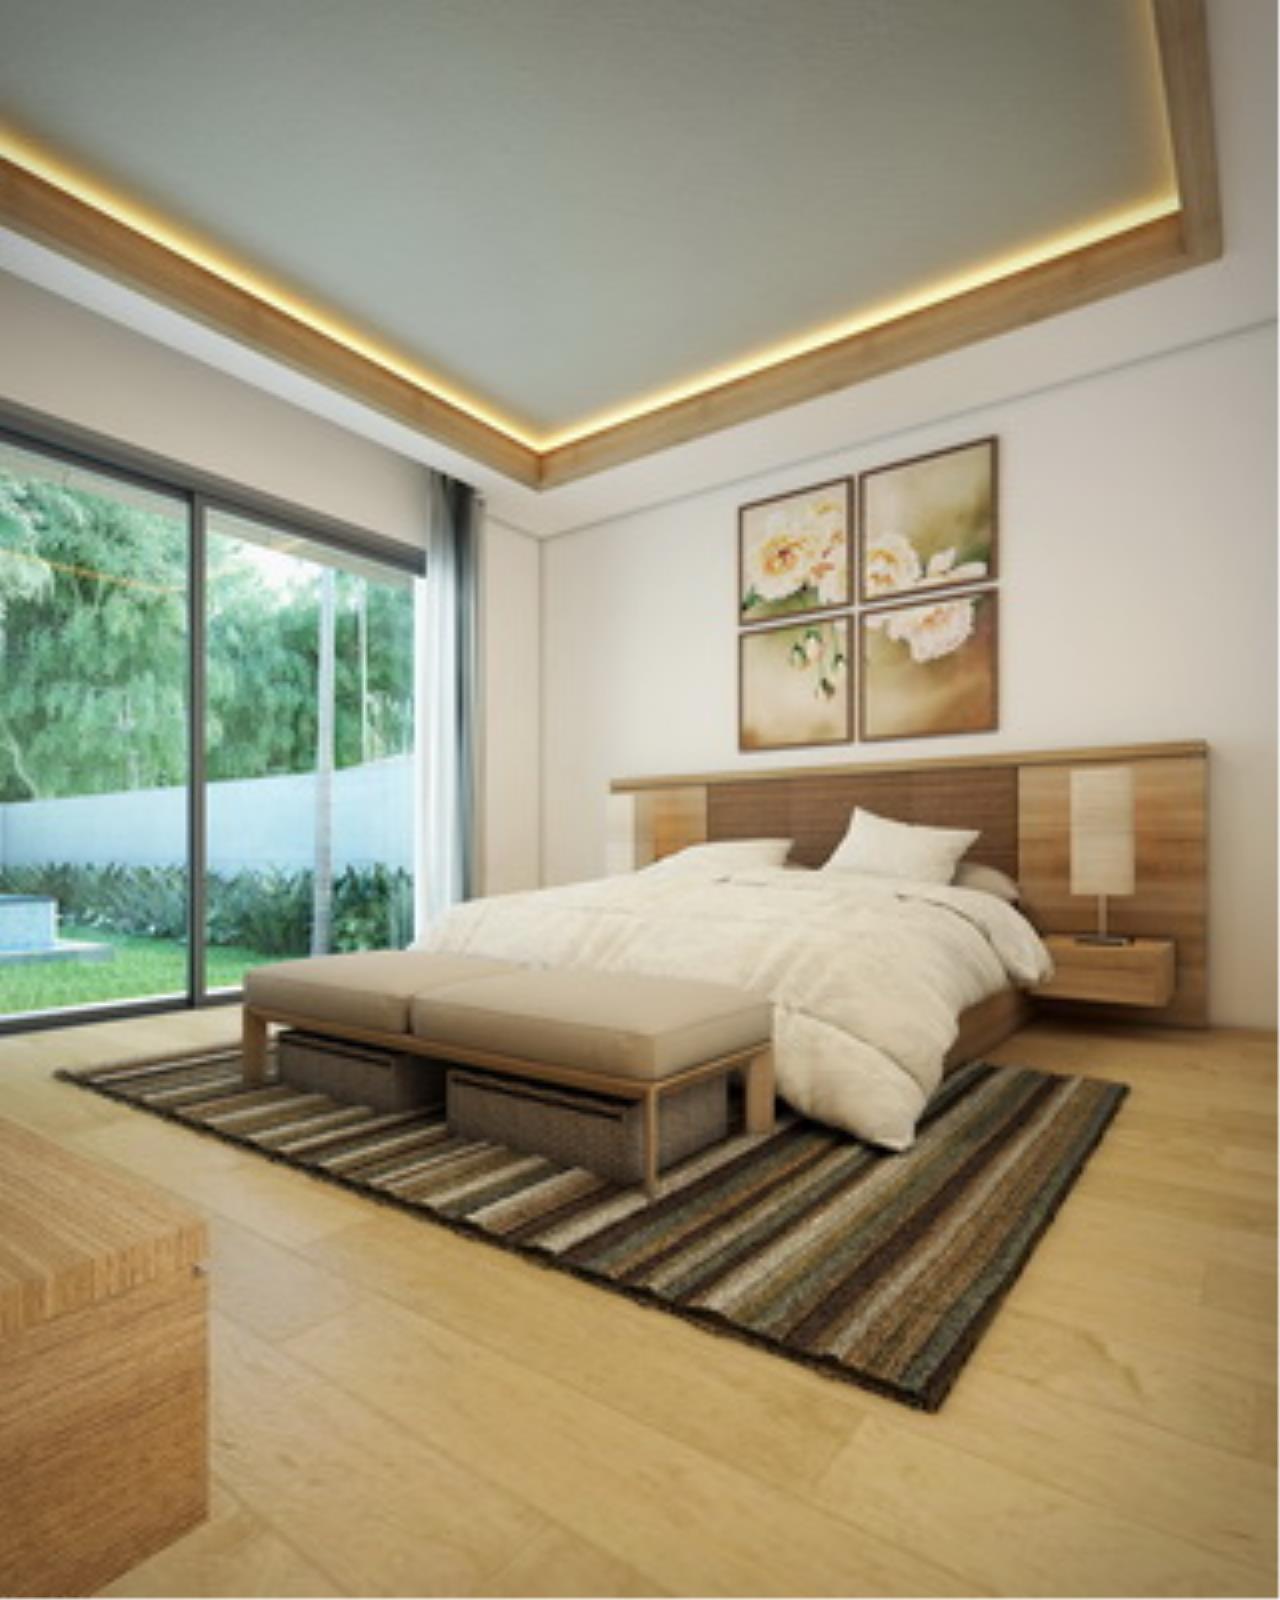 REAL Phuket  Agency's Botanica Villas (Phase III) - Contemporary 3-Bedroom Pool Villa at Layan Beach 9